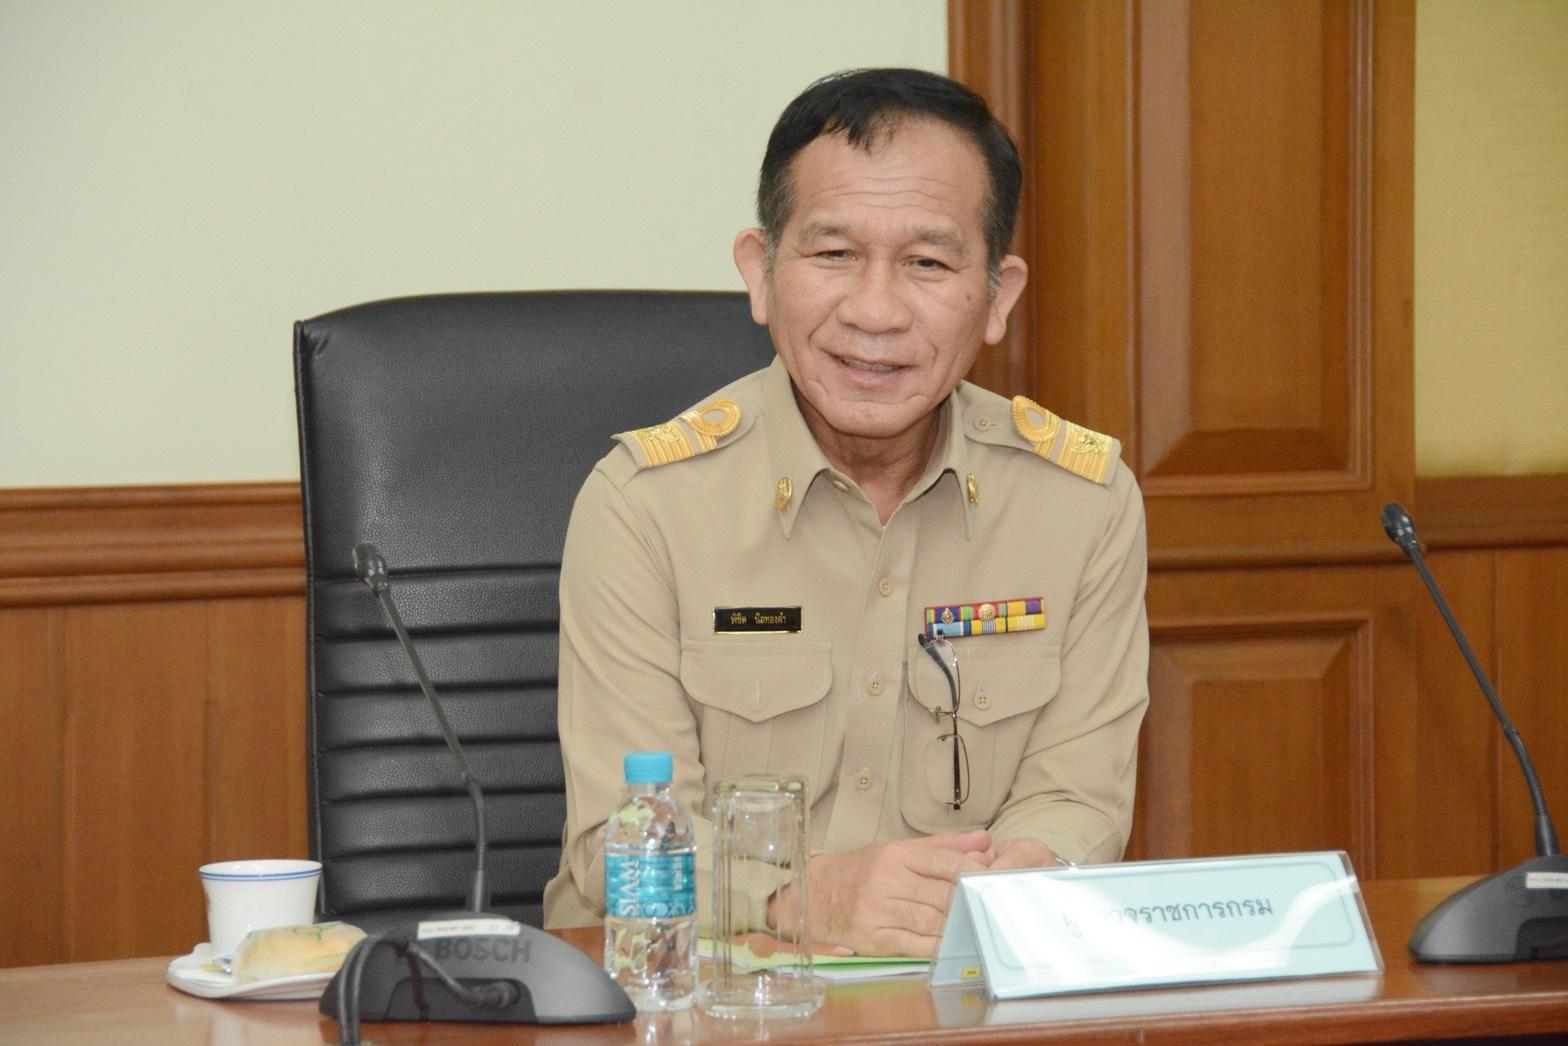 การพิจารณายกร่างประกาศกระทรวงมหาดไทย ตามมาตรา 17 แห่งพระราชบัญญัติคนเข้าเมือง พ.ศ.2522